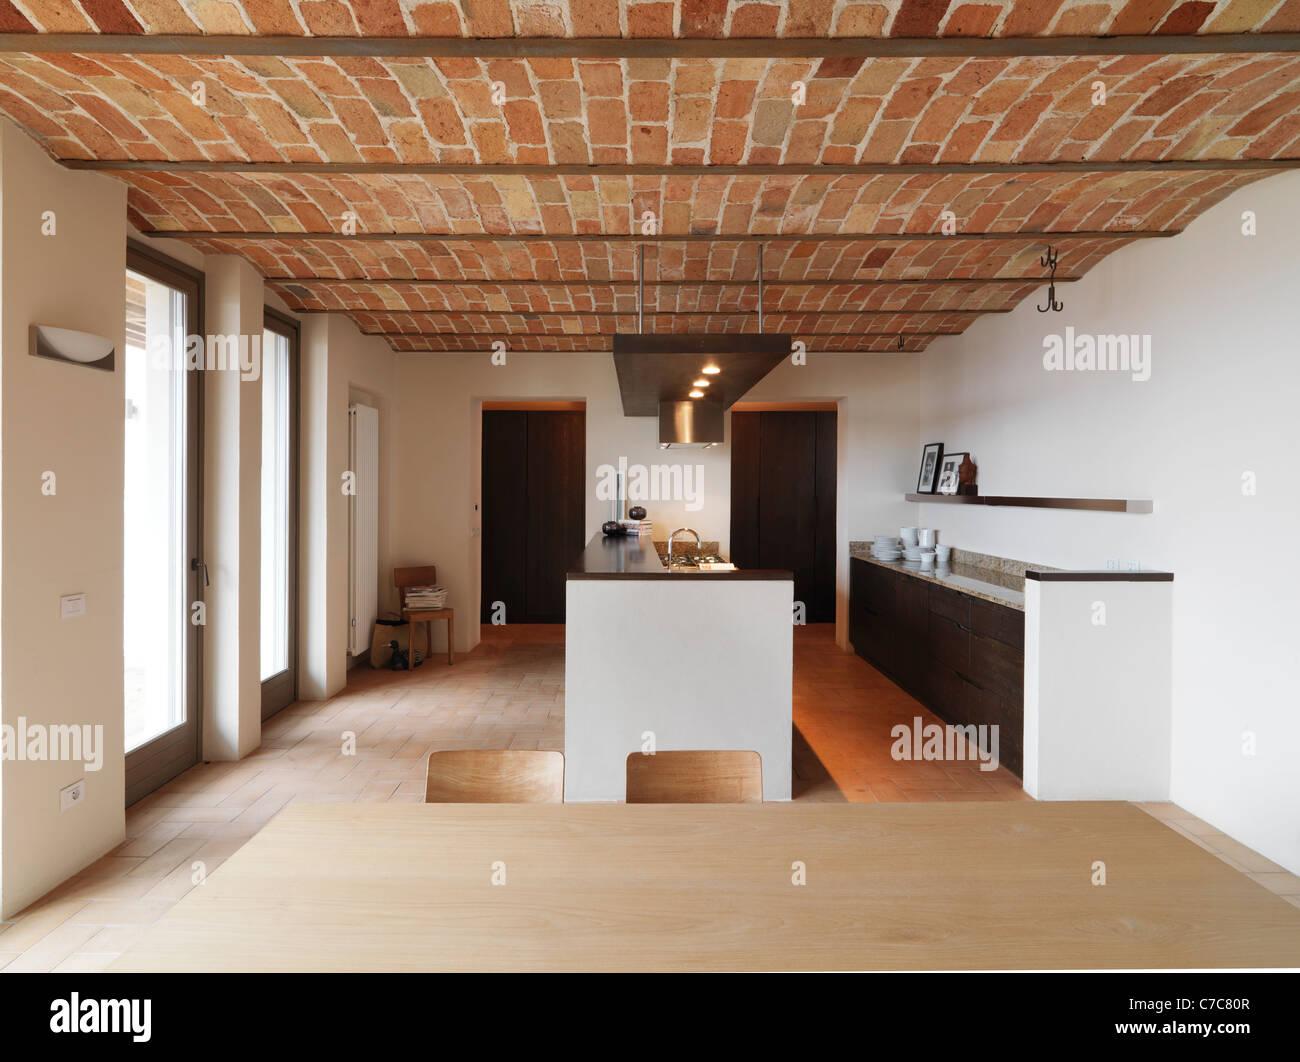 Cucina moderna in casa rustico con soffitto in cotto e pavimento in